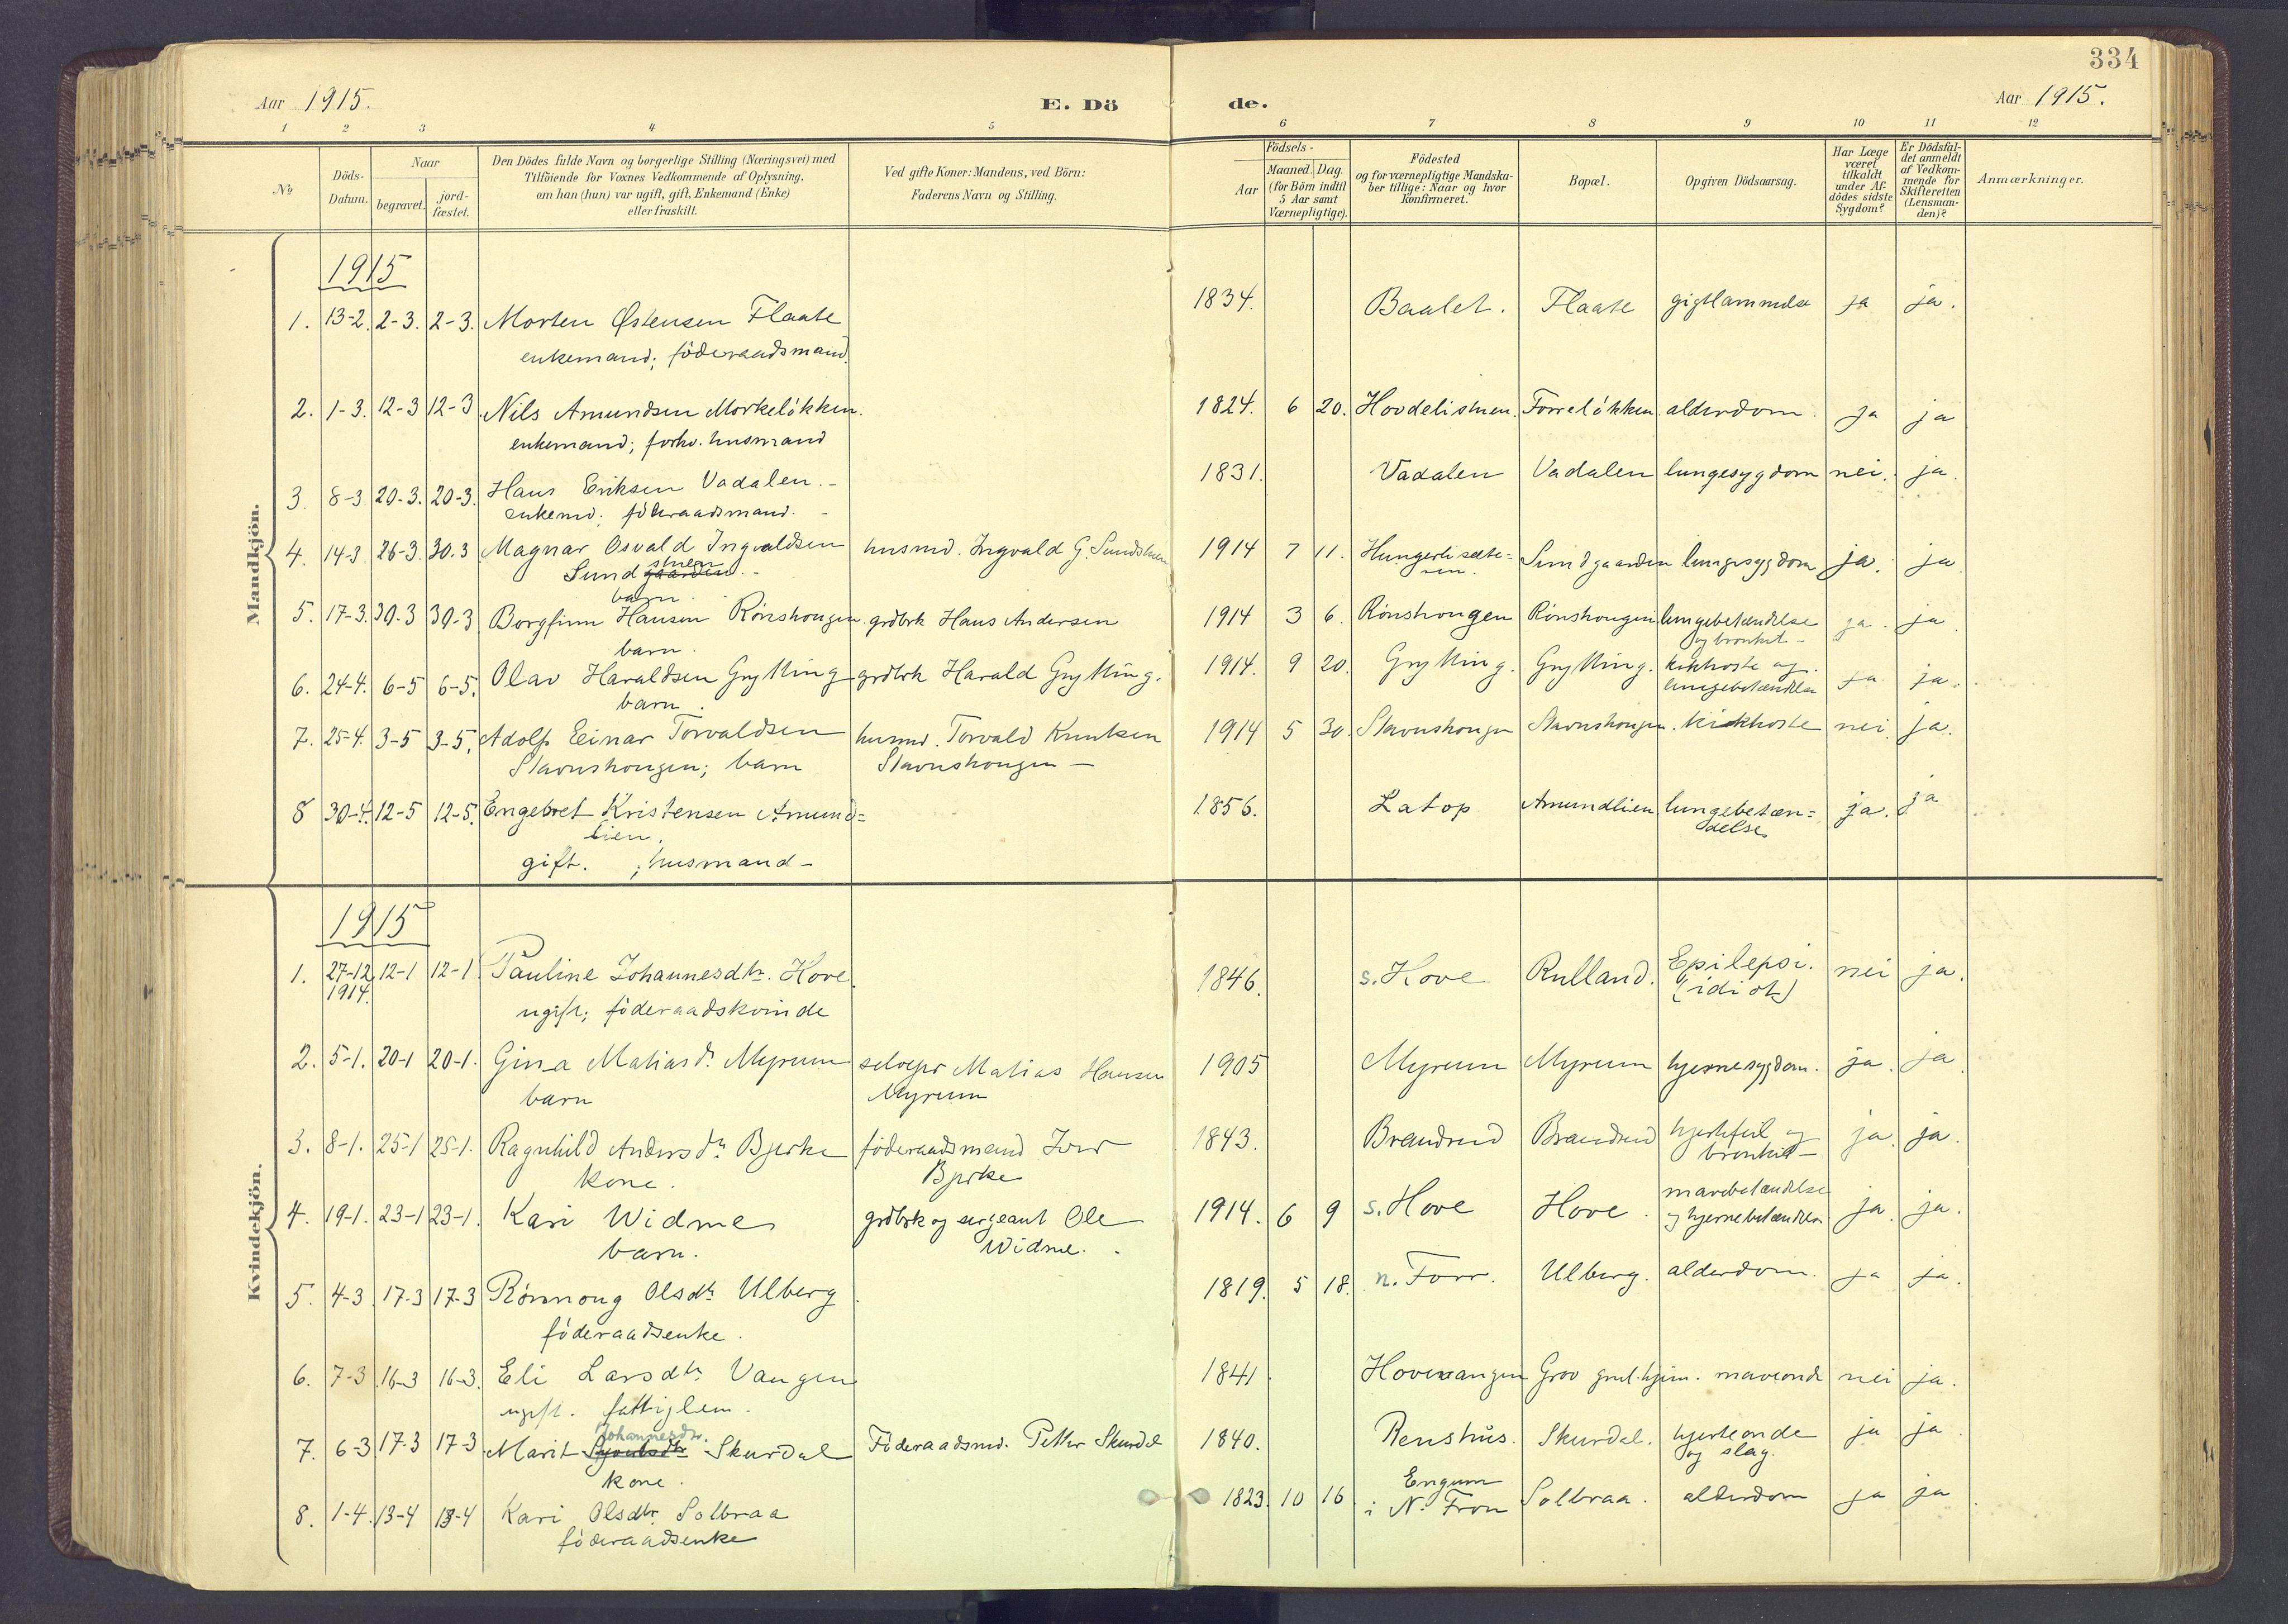 SAH, Sør-Fron prestekontor, H/Ha/Haa/L0004: Ministerialbok nr. 4, 1898-1919, s. 334